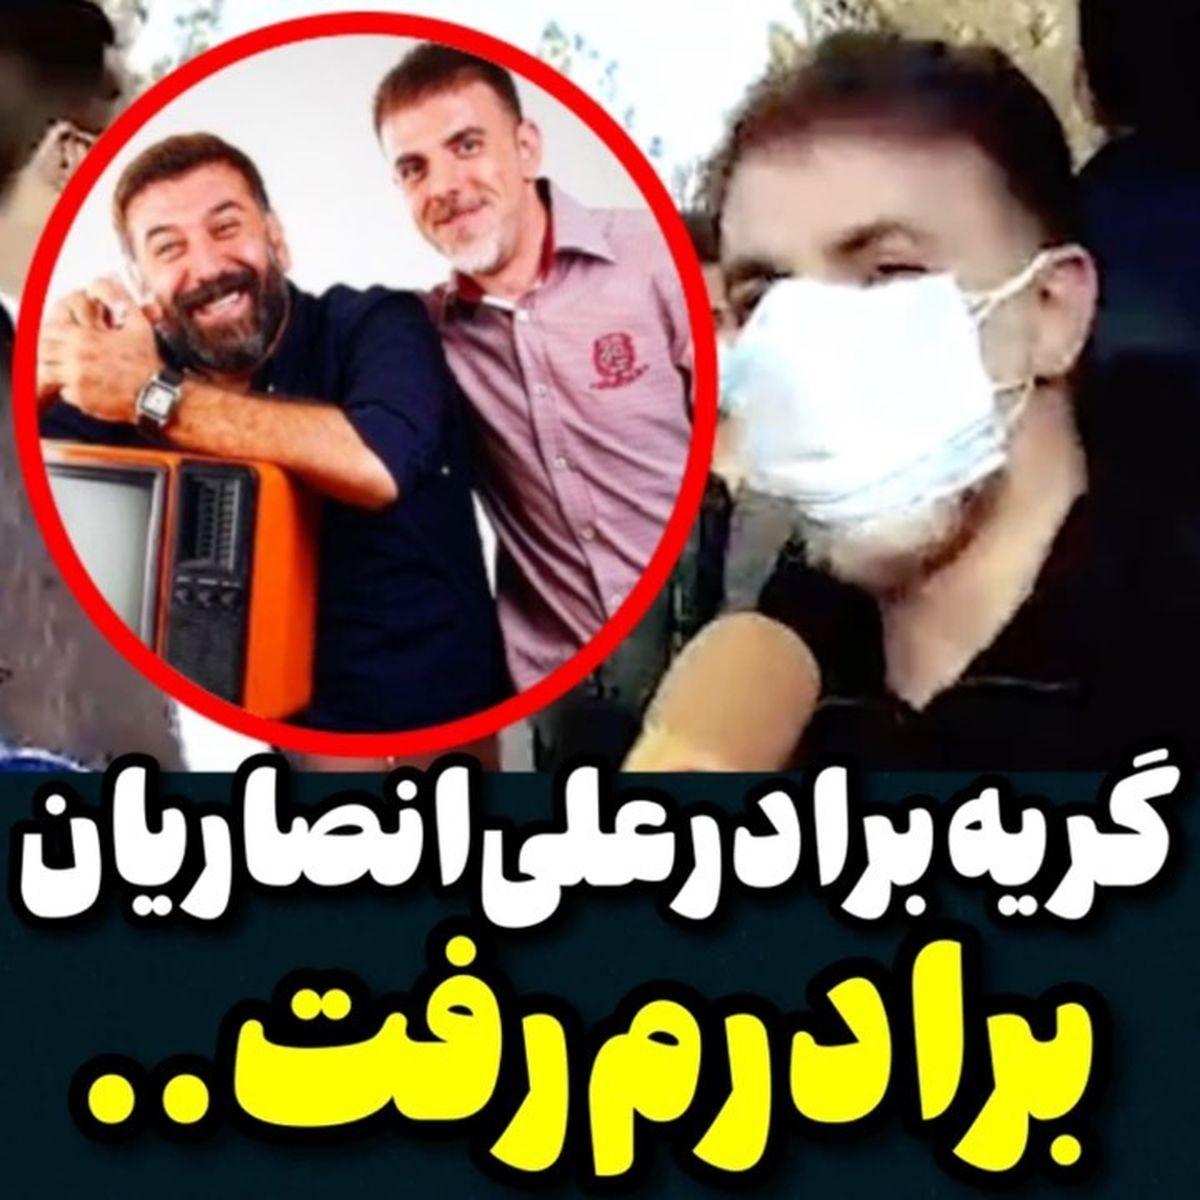 اشک های برادر علی انصاریان قلب همه را به دردآورد+ فیلم